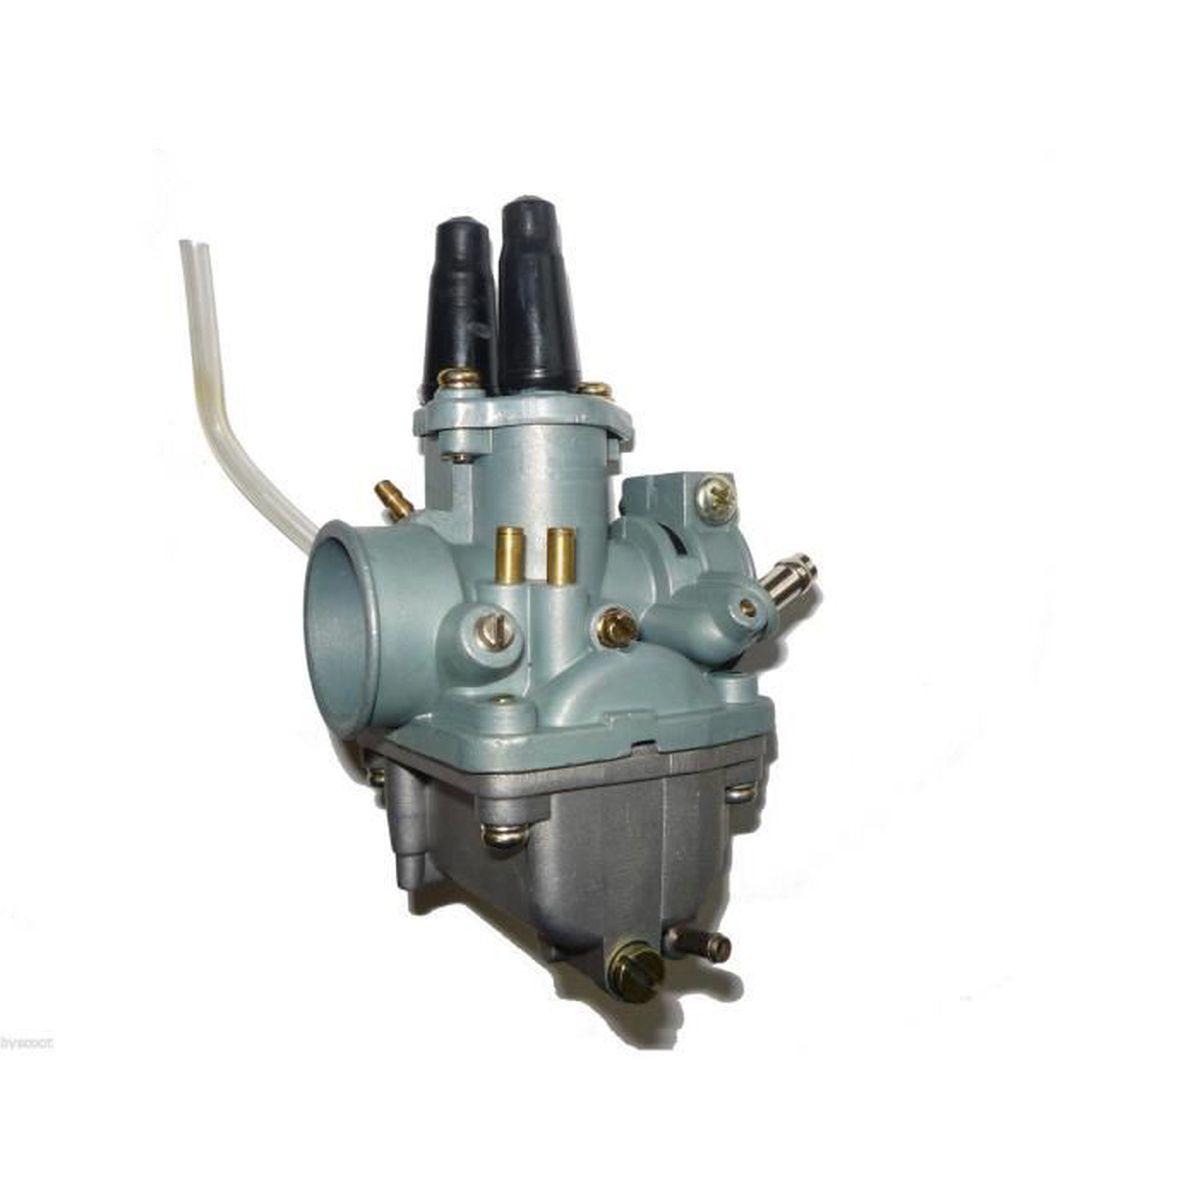 Carbu Type MIKUNI Carburateur moto YAMAHA PW Piwi 80 carburator CARBURETOR PW80